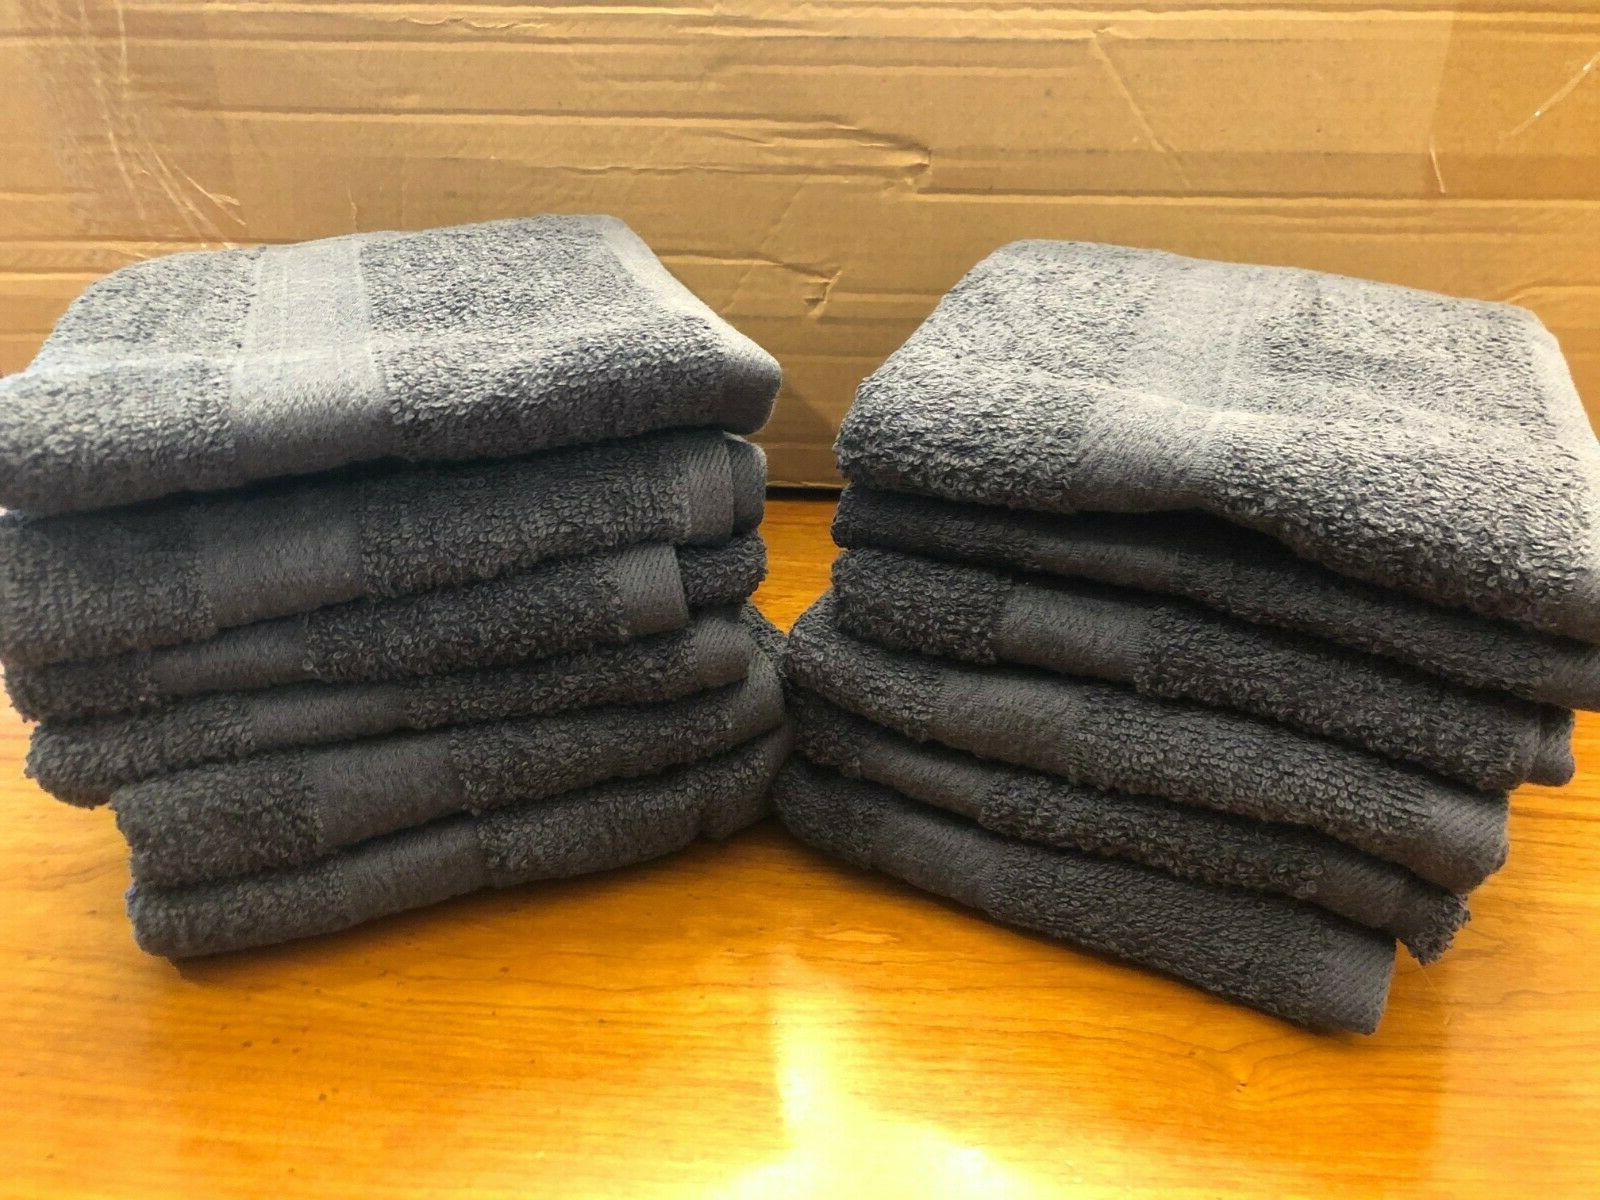 NIP New 12 Cotton Wash Hand